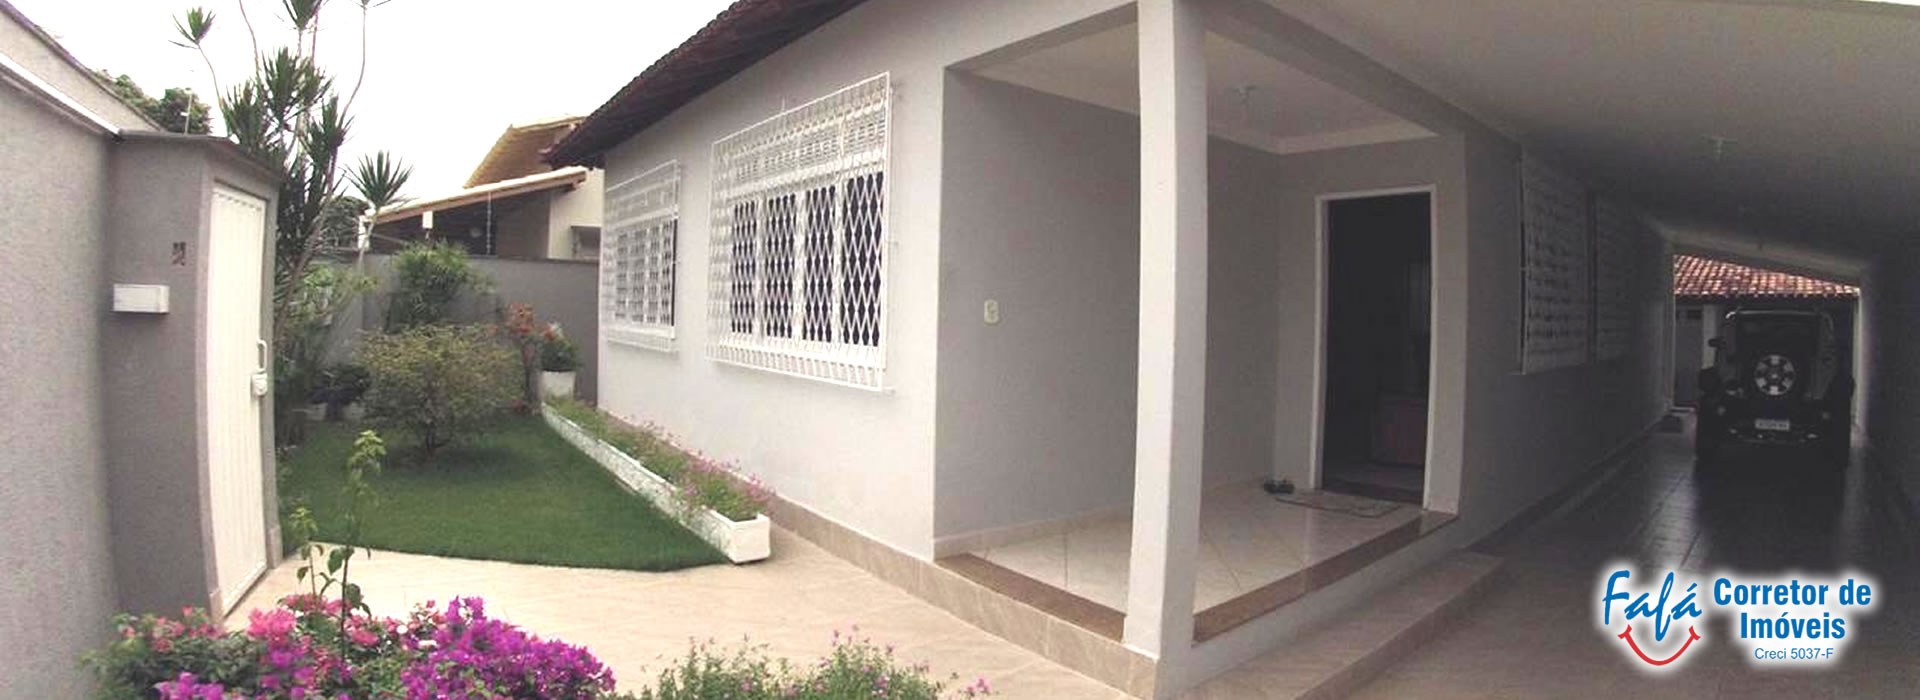 Casa no Centro de Aracruz – Rua Zacarias B Nascimento